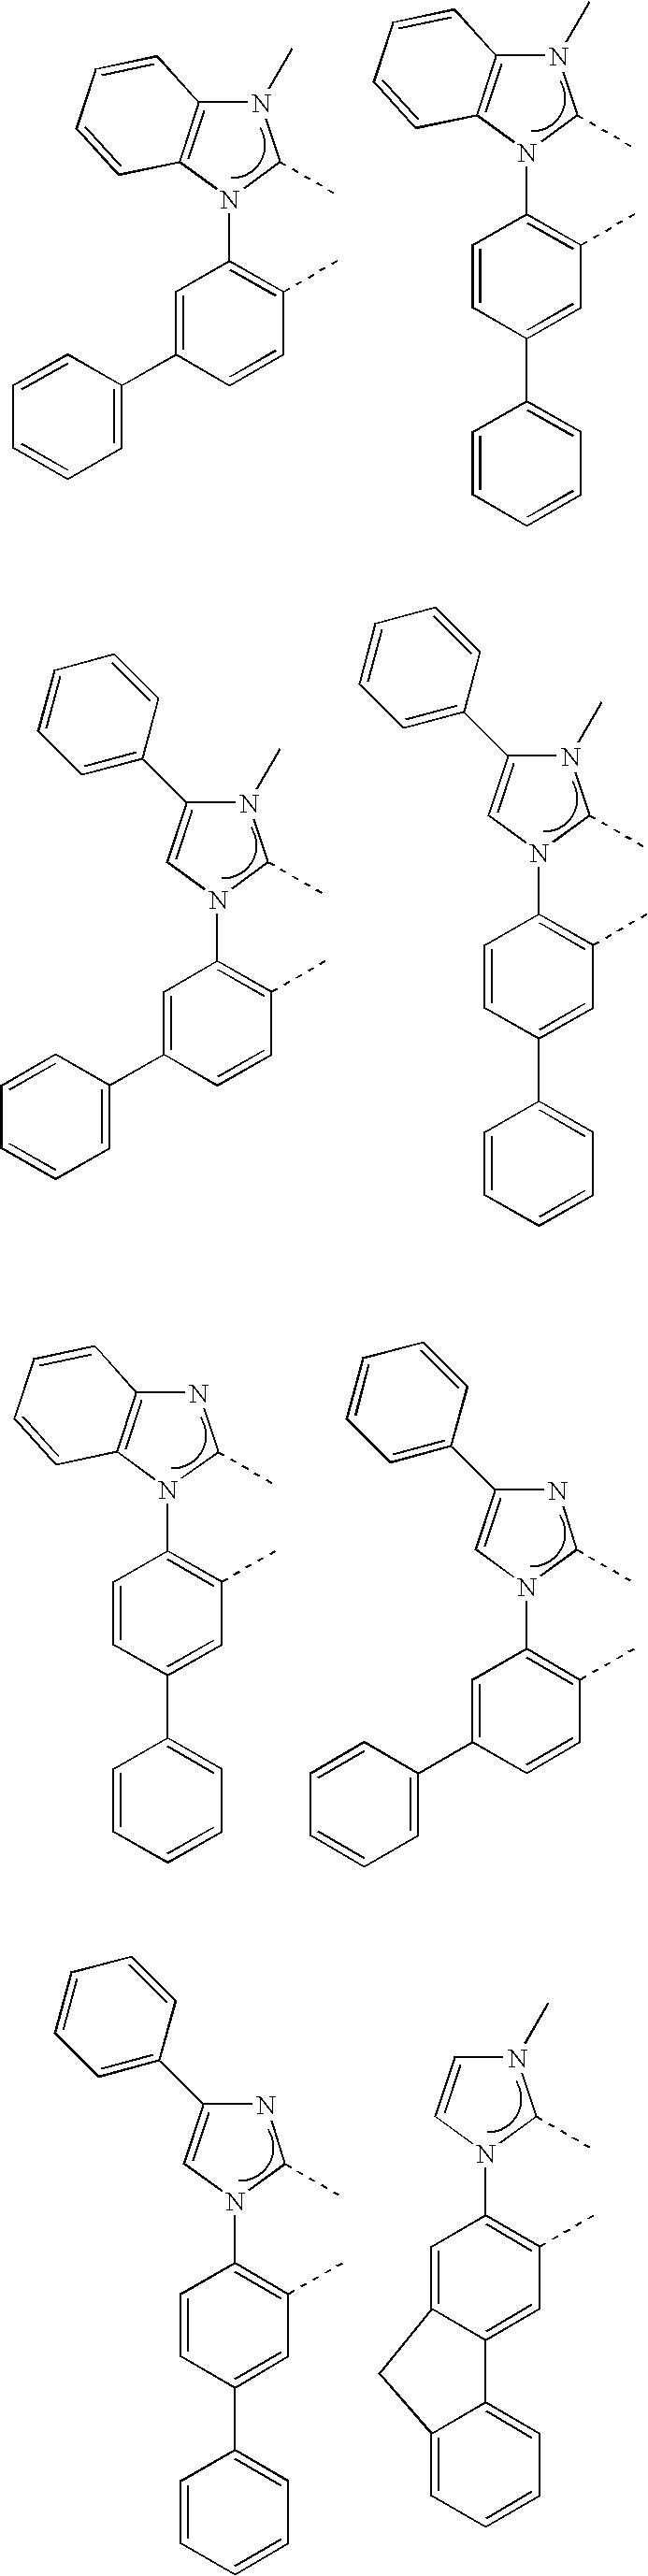 Figure US08007926-20110830-C00035